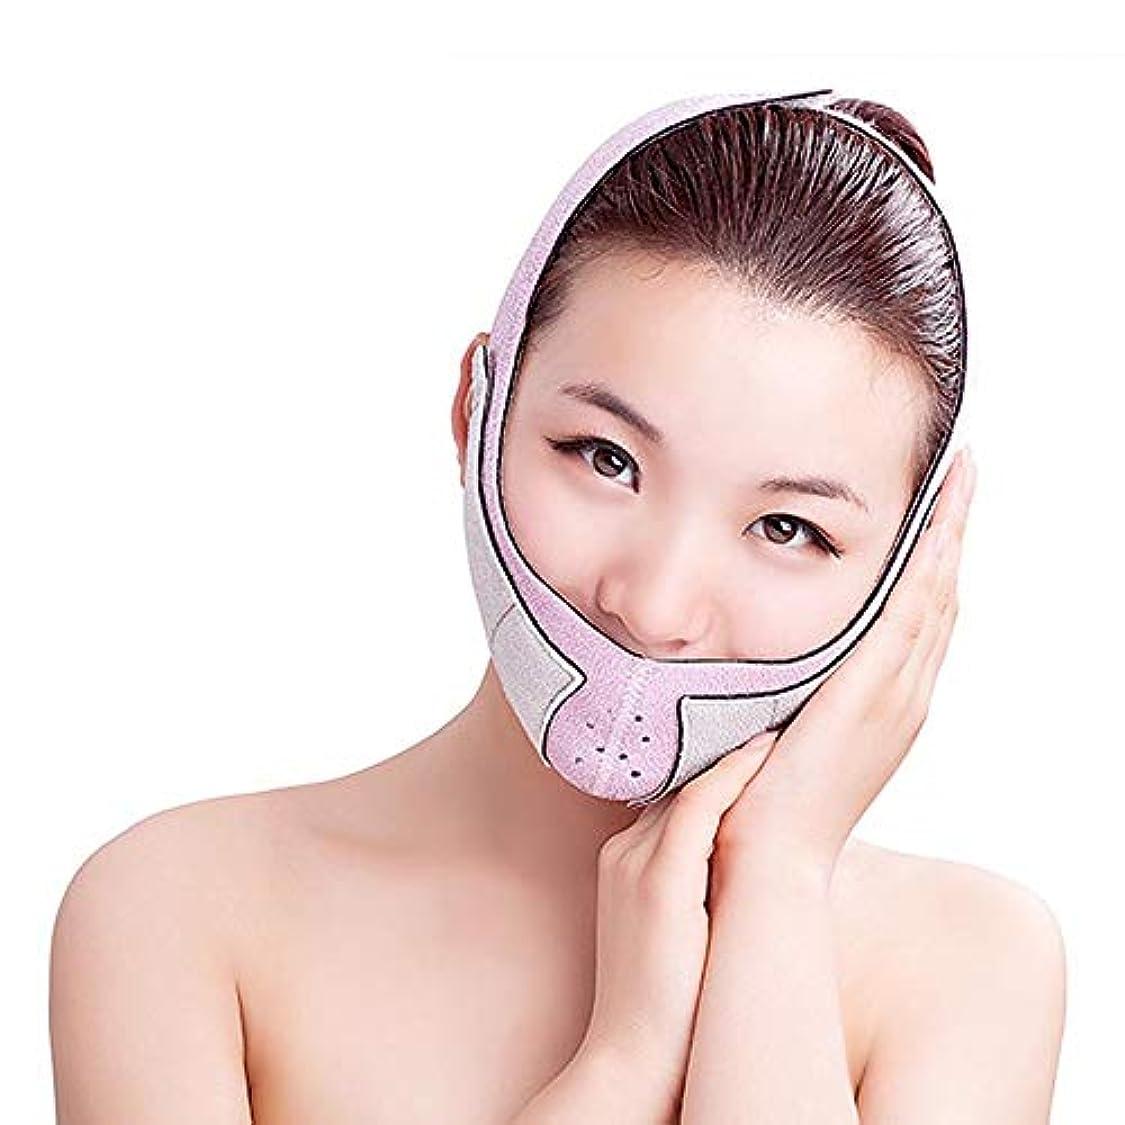 フラスコベイビーゲートウェイ薄い顔のベルト - 薄い顔のベルト通気性の補正3D薄い顔のV顔のベルトの包帯薄い顔のアーティファクト (色 : B)